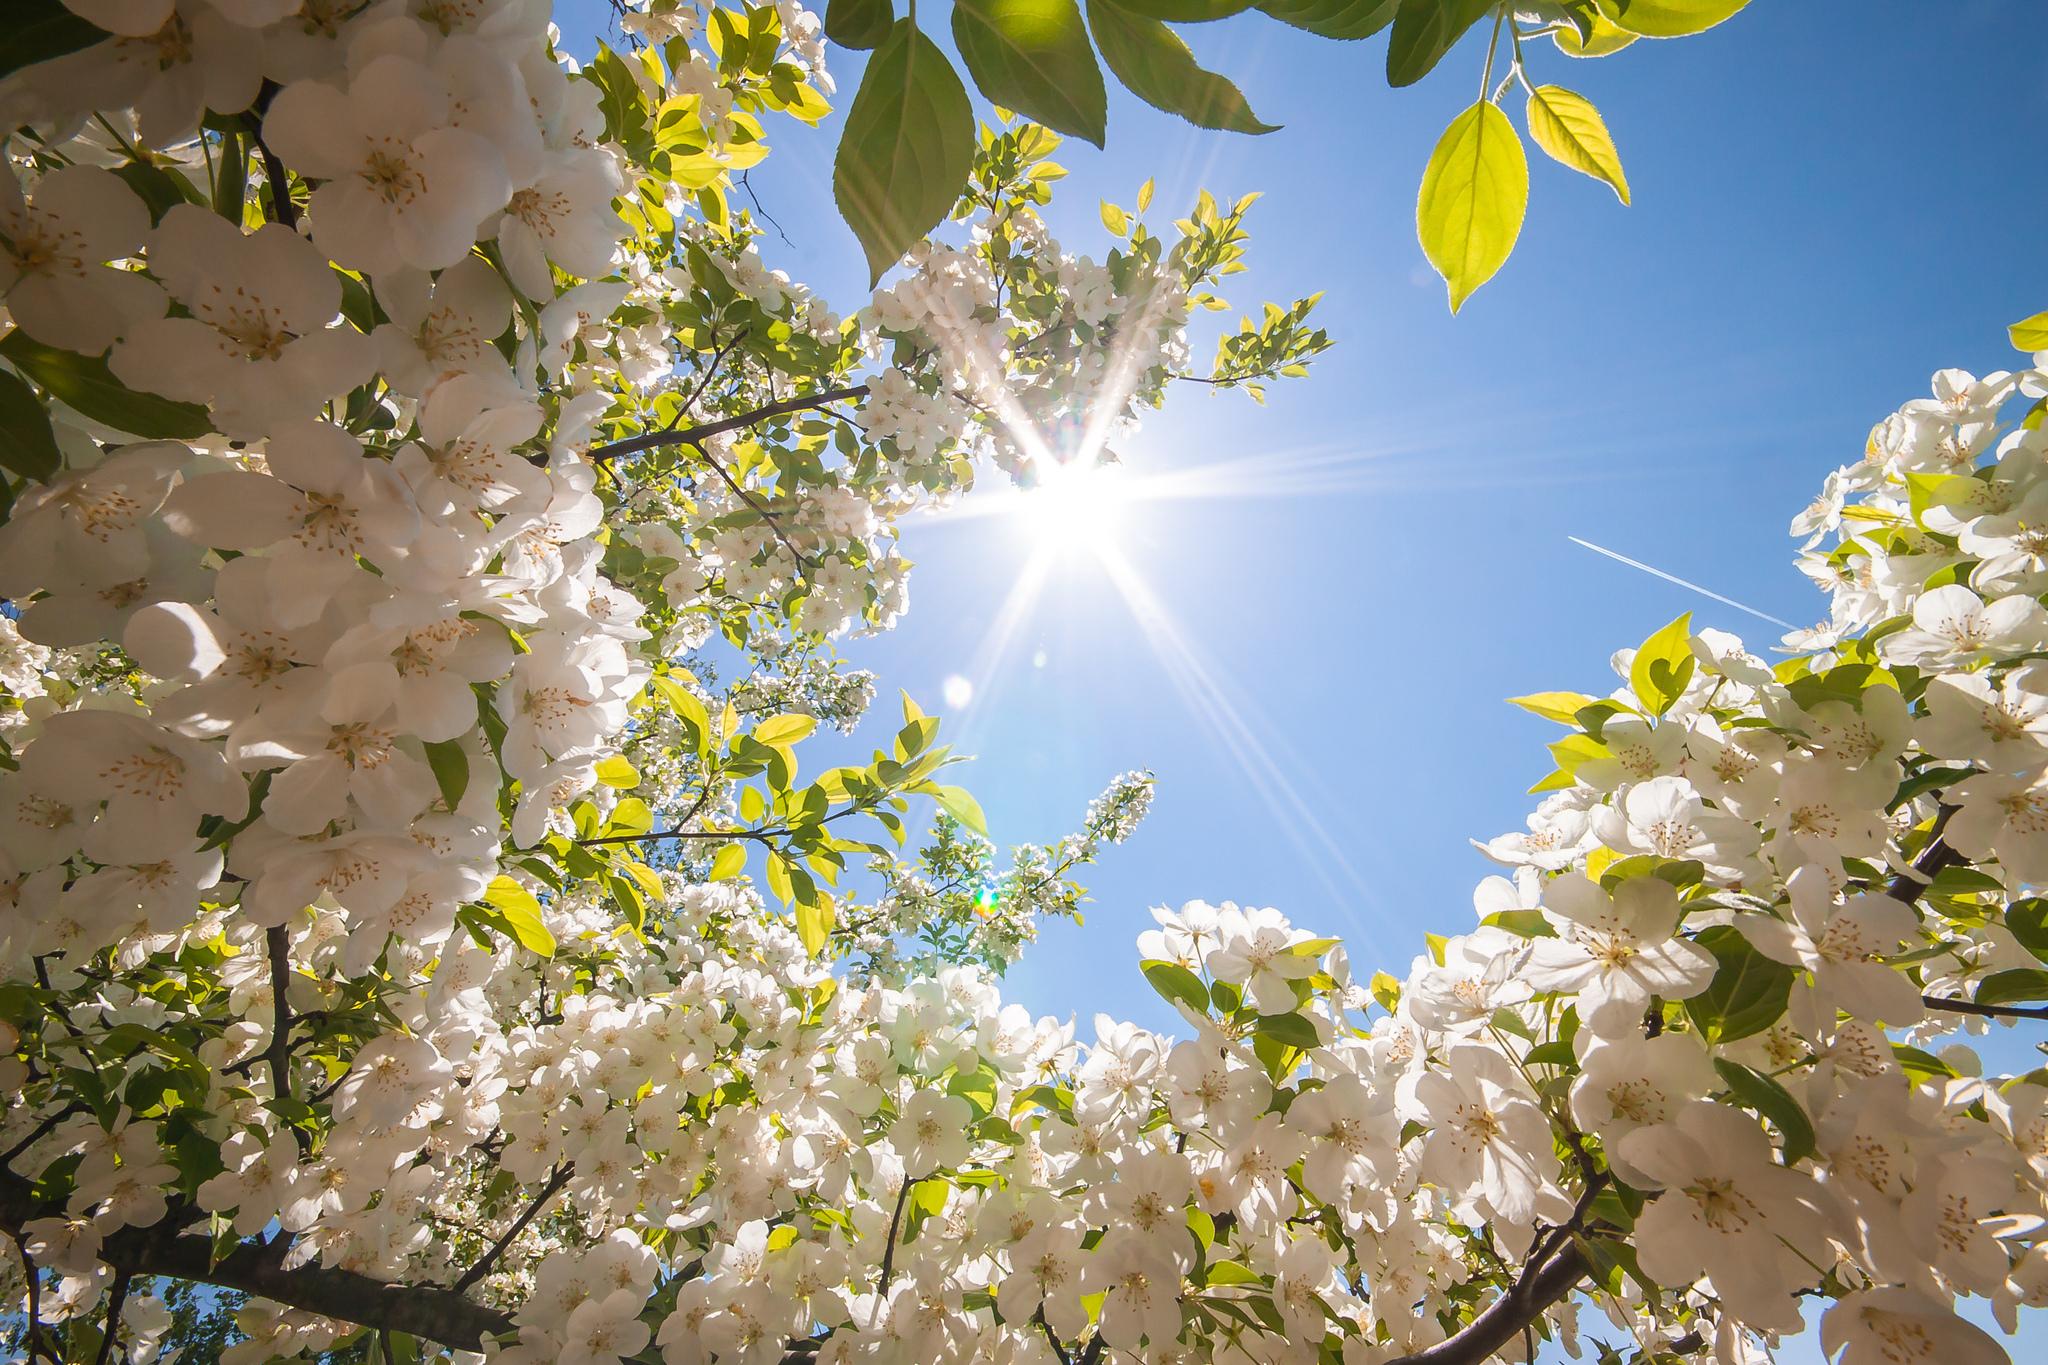 Жителей Тверской области предупредили об опасном солнце в мае